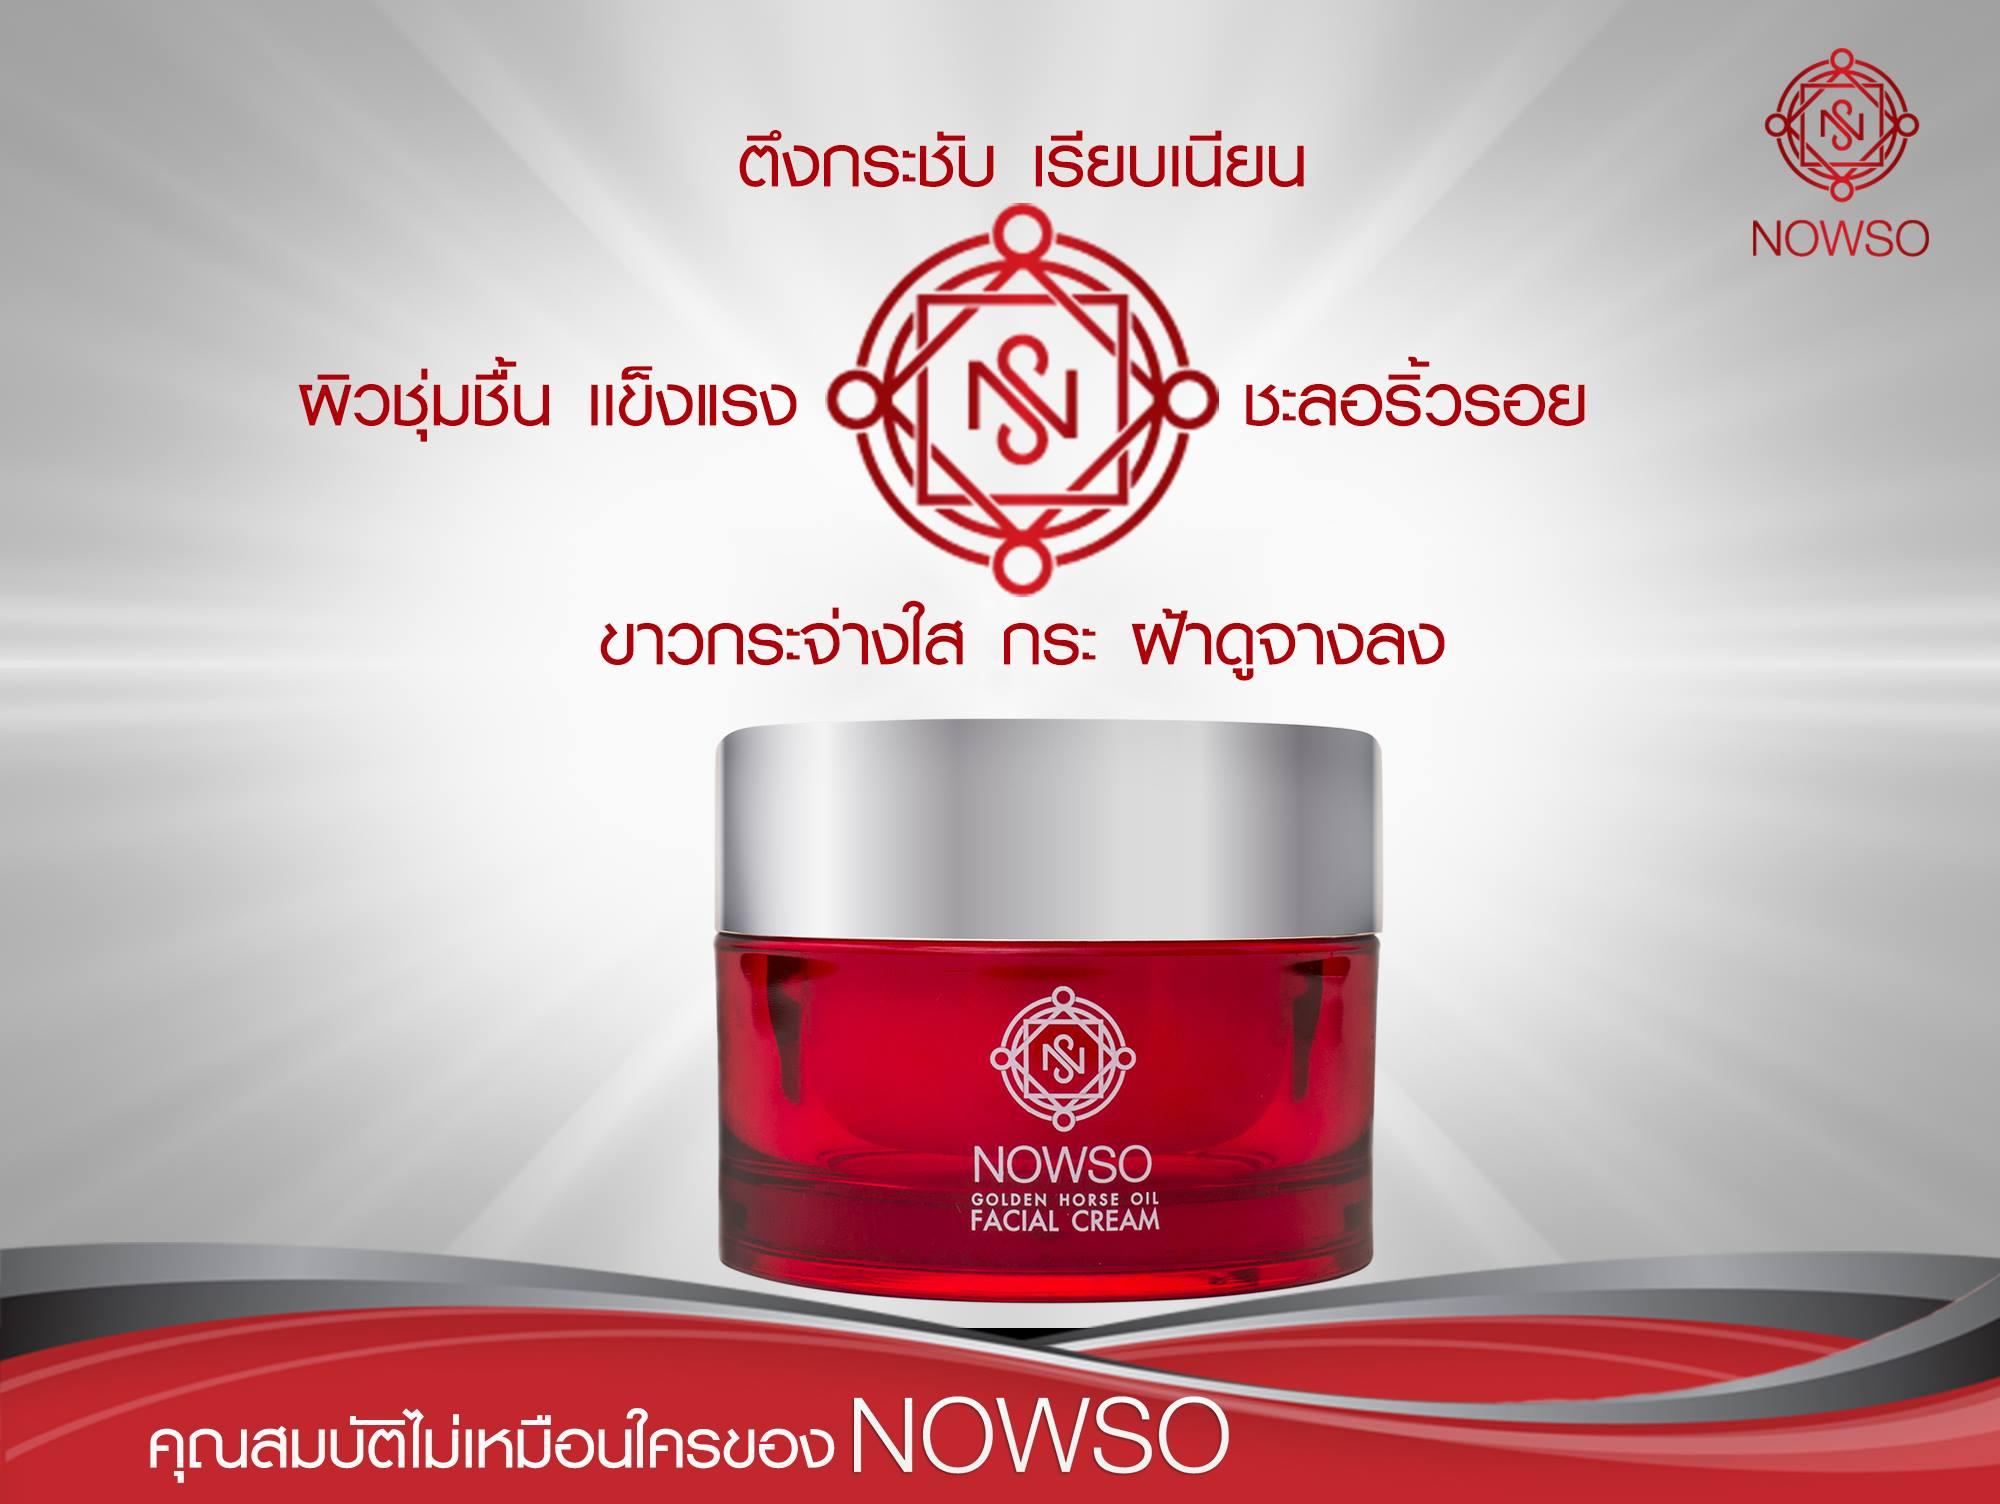 NOWSO Golden Horse Oil Facial Cream ครีมน้ำมันม้าทองคำ